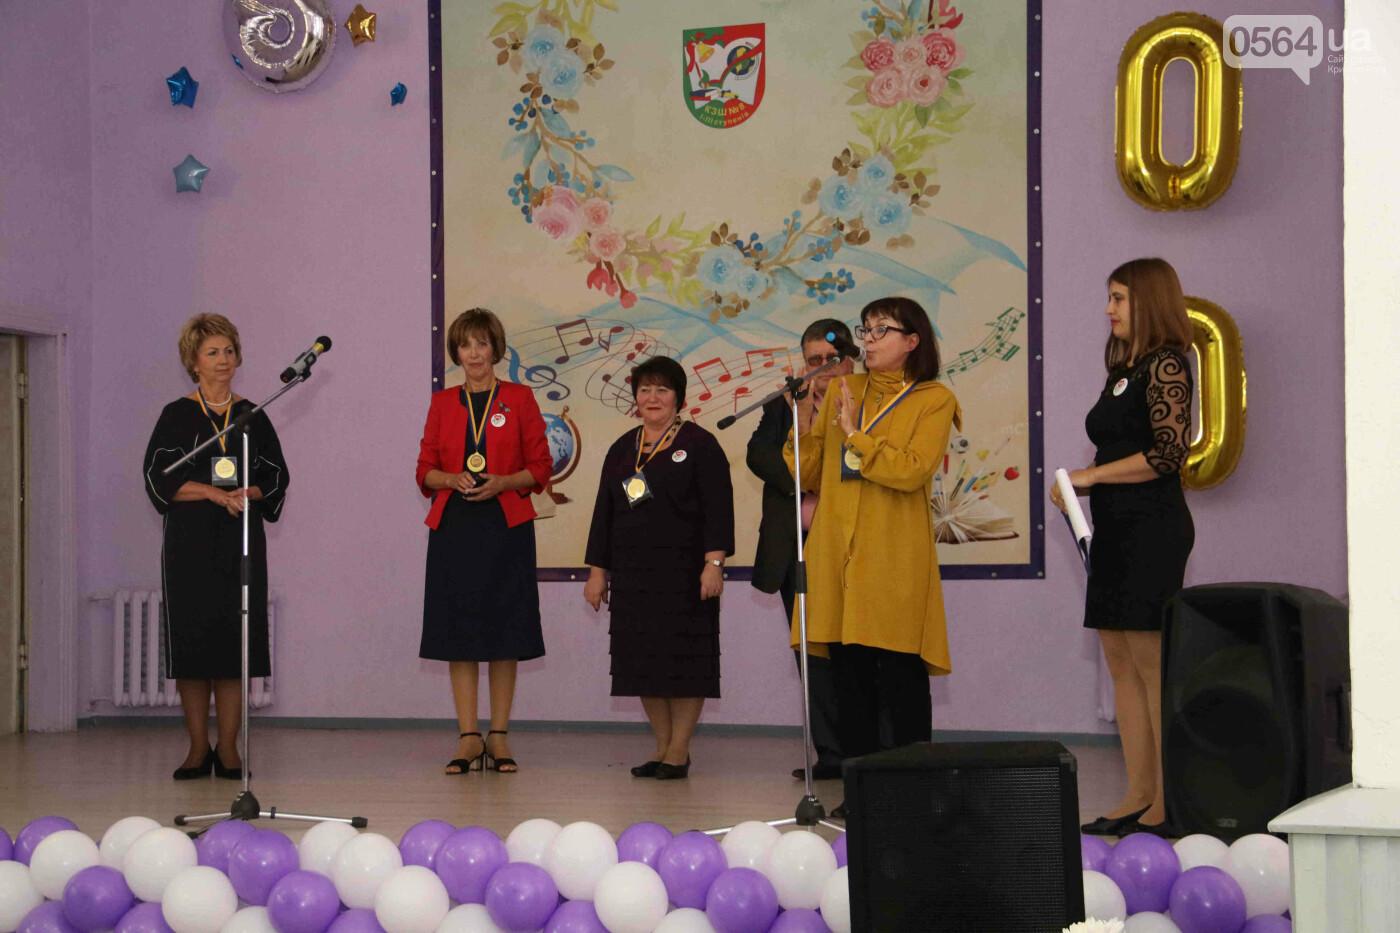 В Кривом Роге школа, где учился мэр Юрий Вилкул, отметила 100-летний юбилей, - ФОТО , фото-3